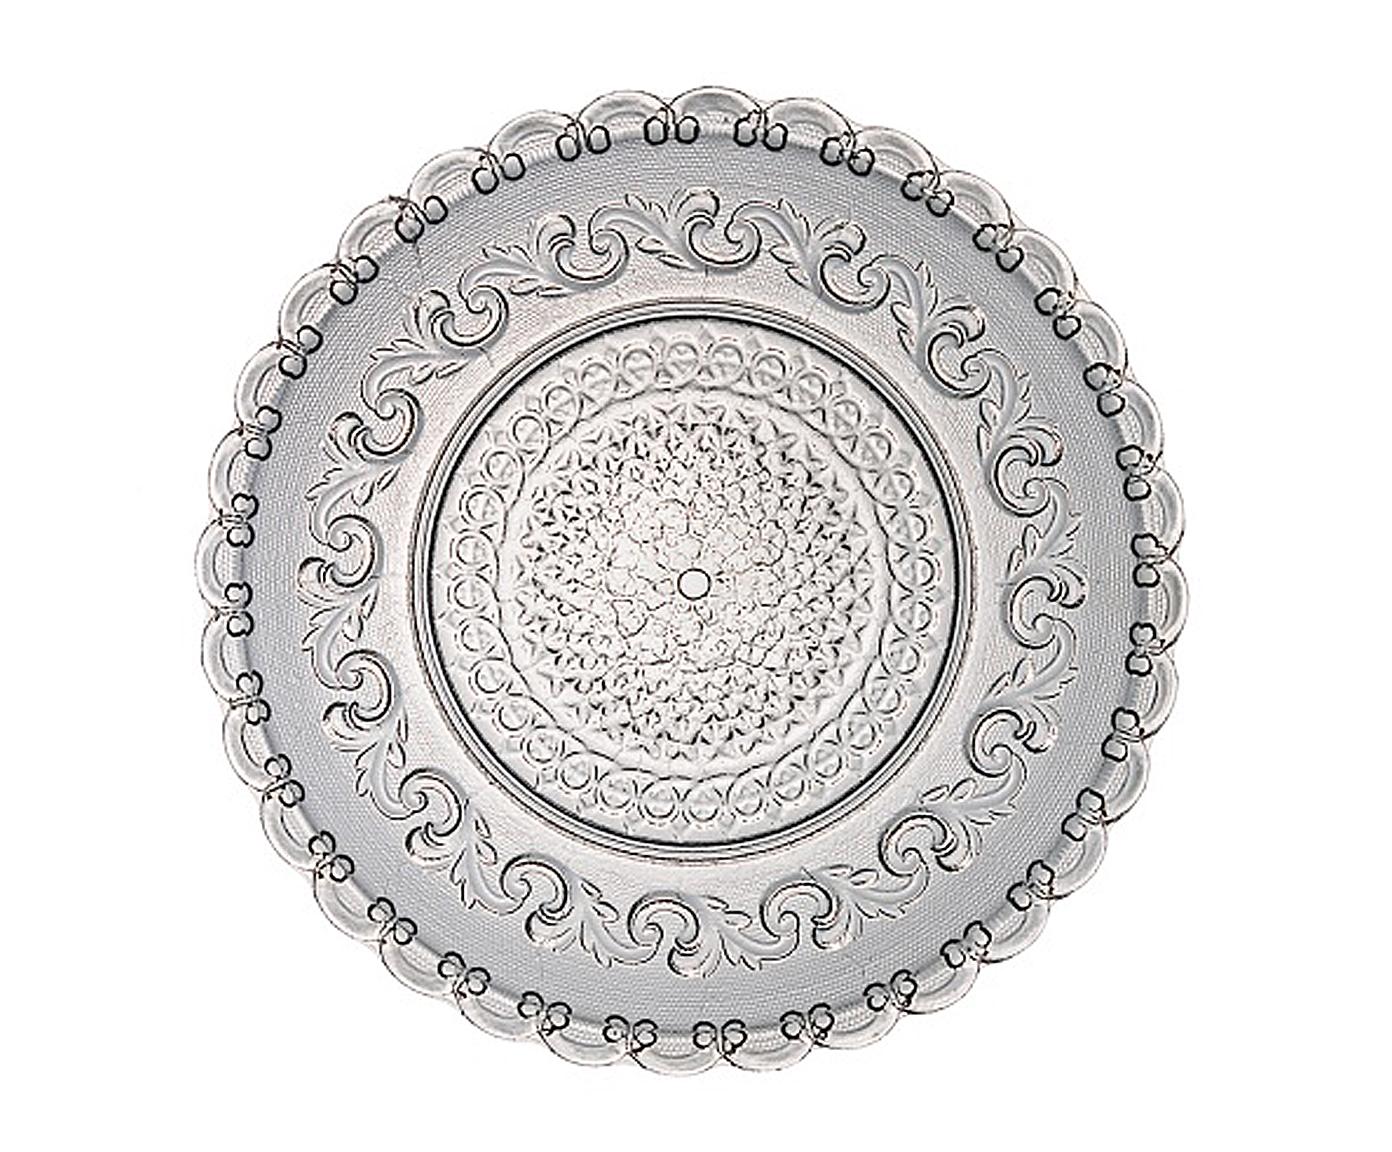 ТарелкаДекоративные тарелки<br>Фабрика VISTA ALLEGRE с 1824 года изготавливает изделия из цветного стекла, смешивая песок и натуральные пигменты. Стеклянные изделия создают ручным способом путем заливания в пресс-формы жидкого стекла. Уникальные цвета и узоры на изделиях позволяют использовать их в любых интерьерных стилях, будь то шебби шик, арт деко, богемный шик, винтаж или современный стиль.<br><br>Material: Стекло<br>Diameter см: 22